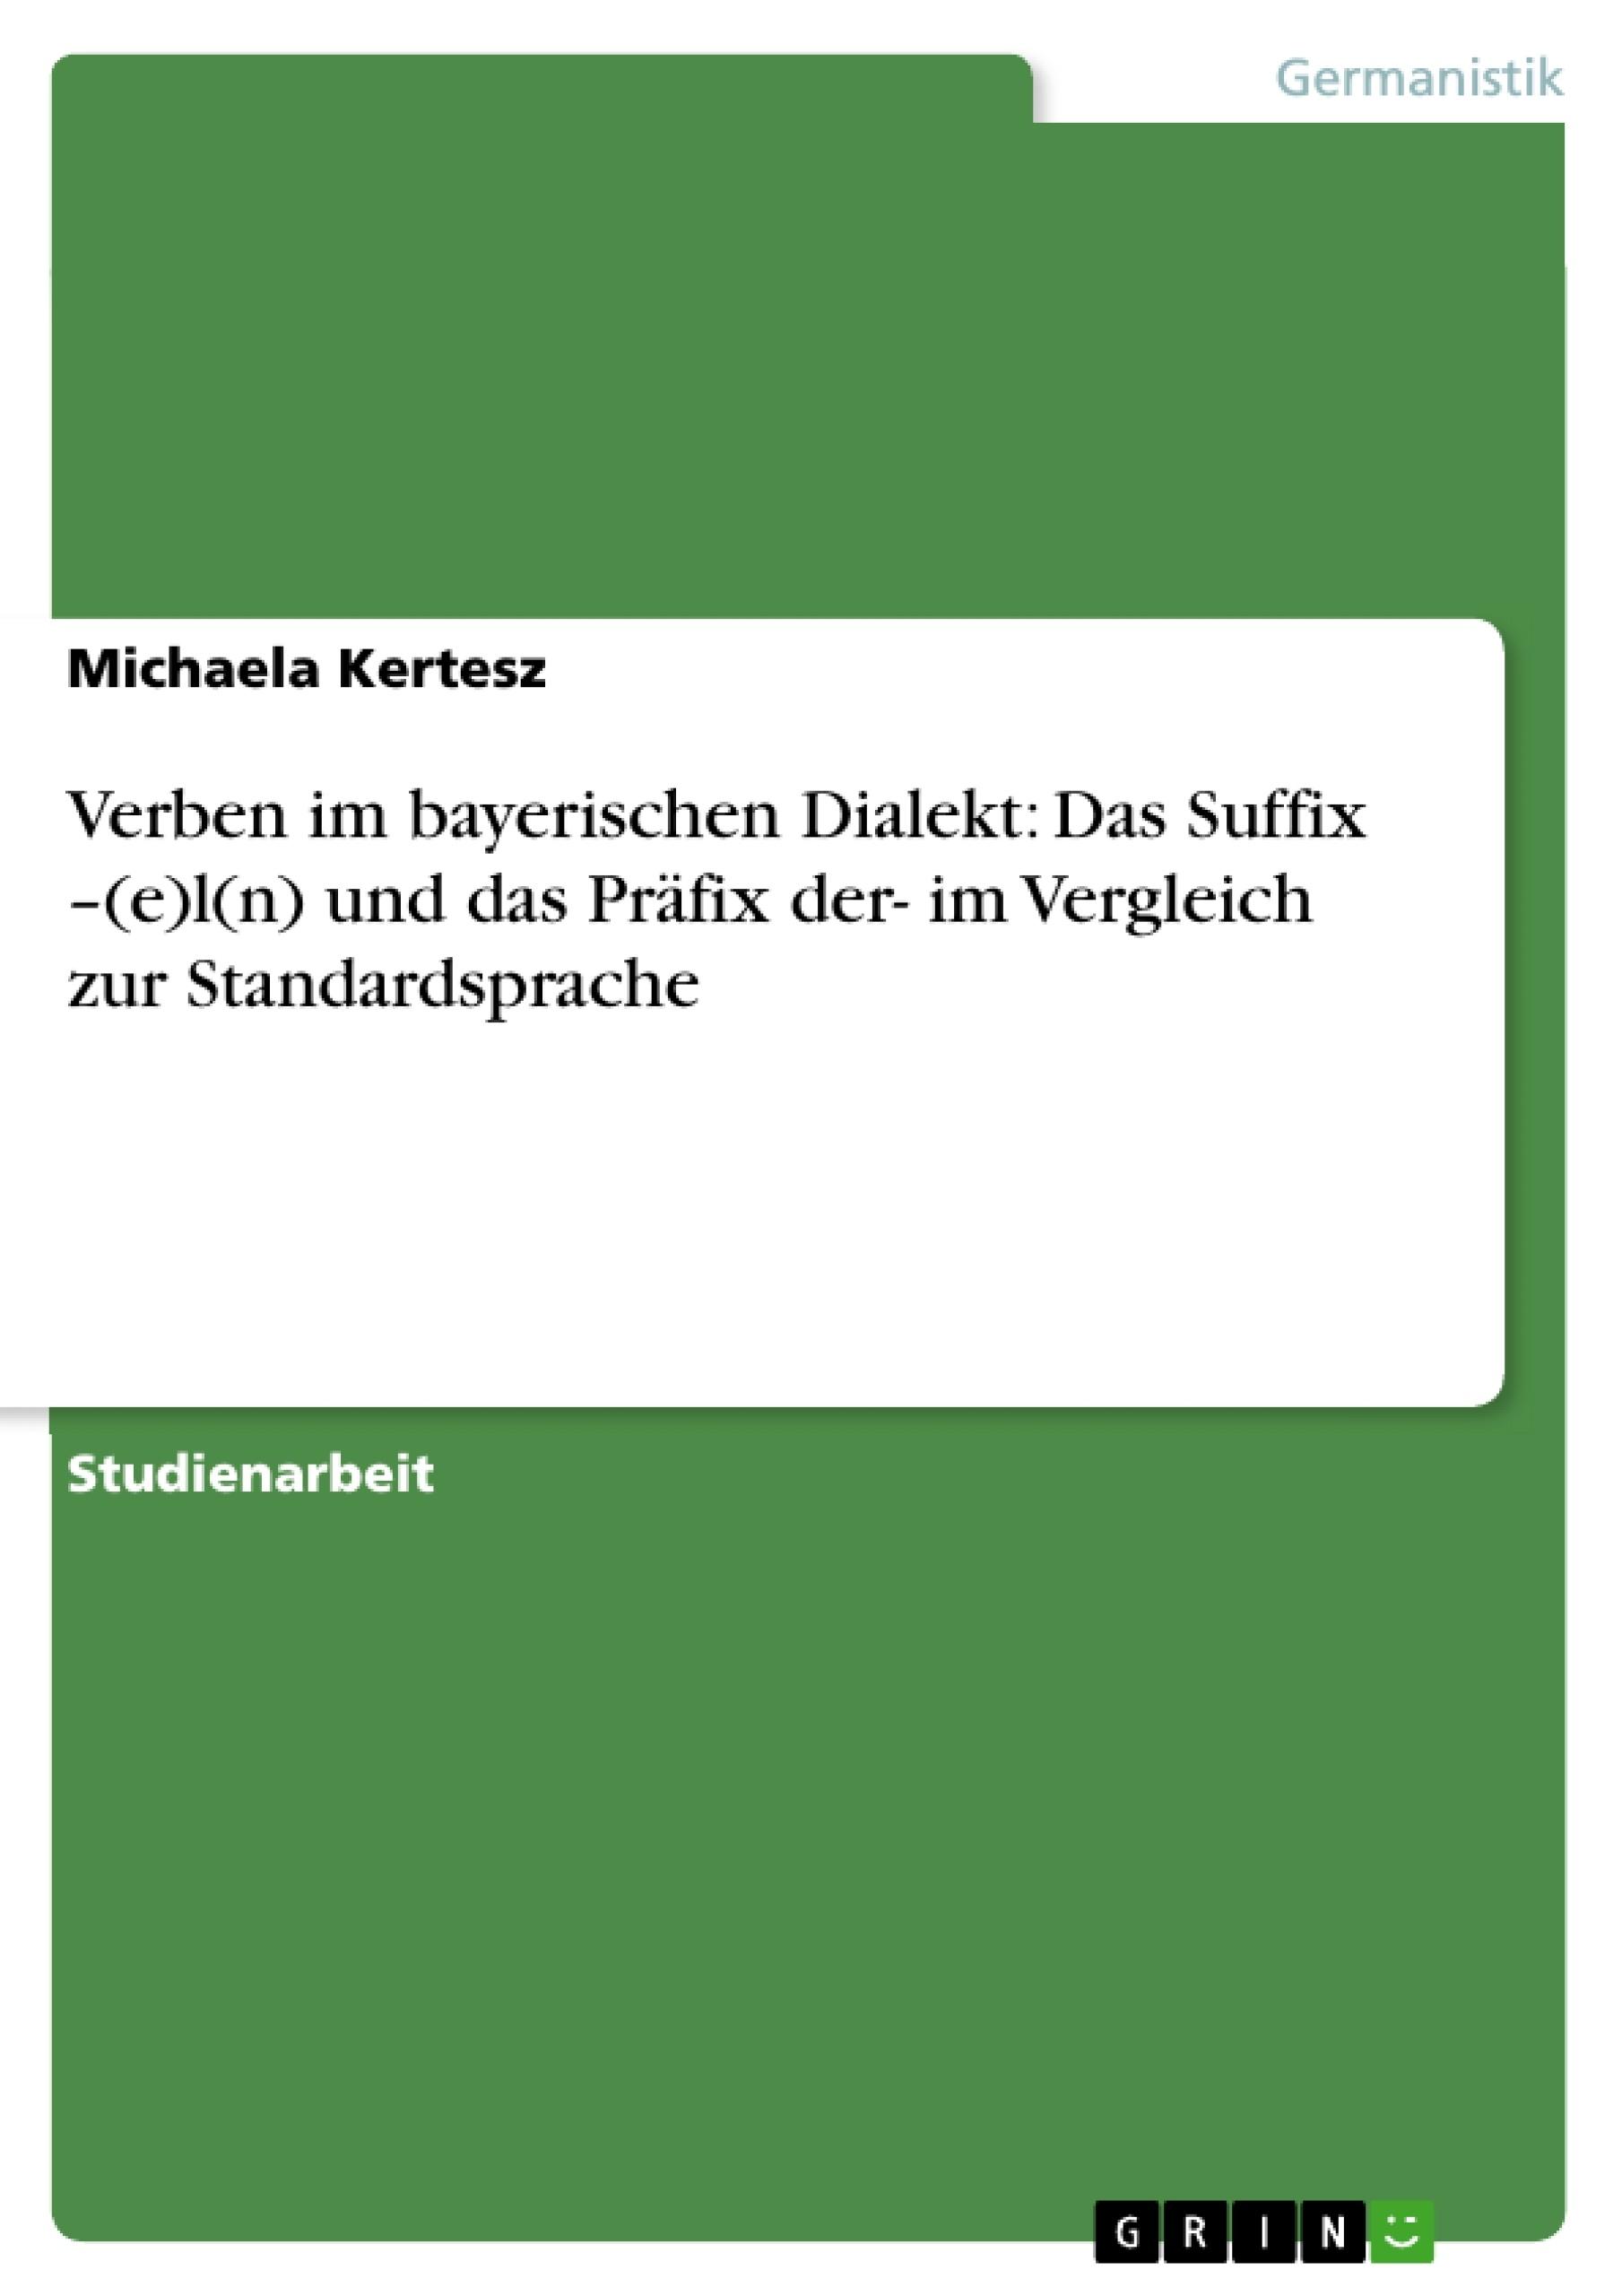 Titel: Verben im bayerischen Dialekt: Das Suffix –(e)l(n) und das Präfix der- im Vergleich zur Standardsprache